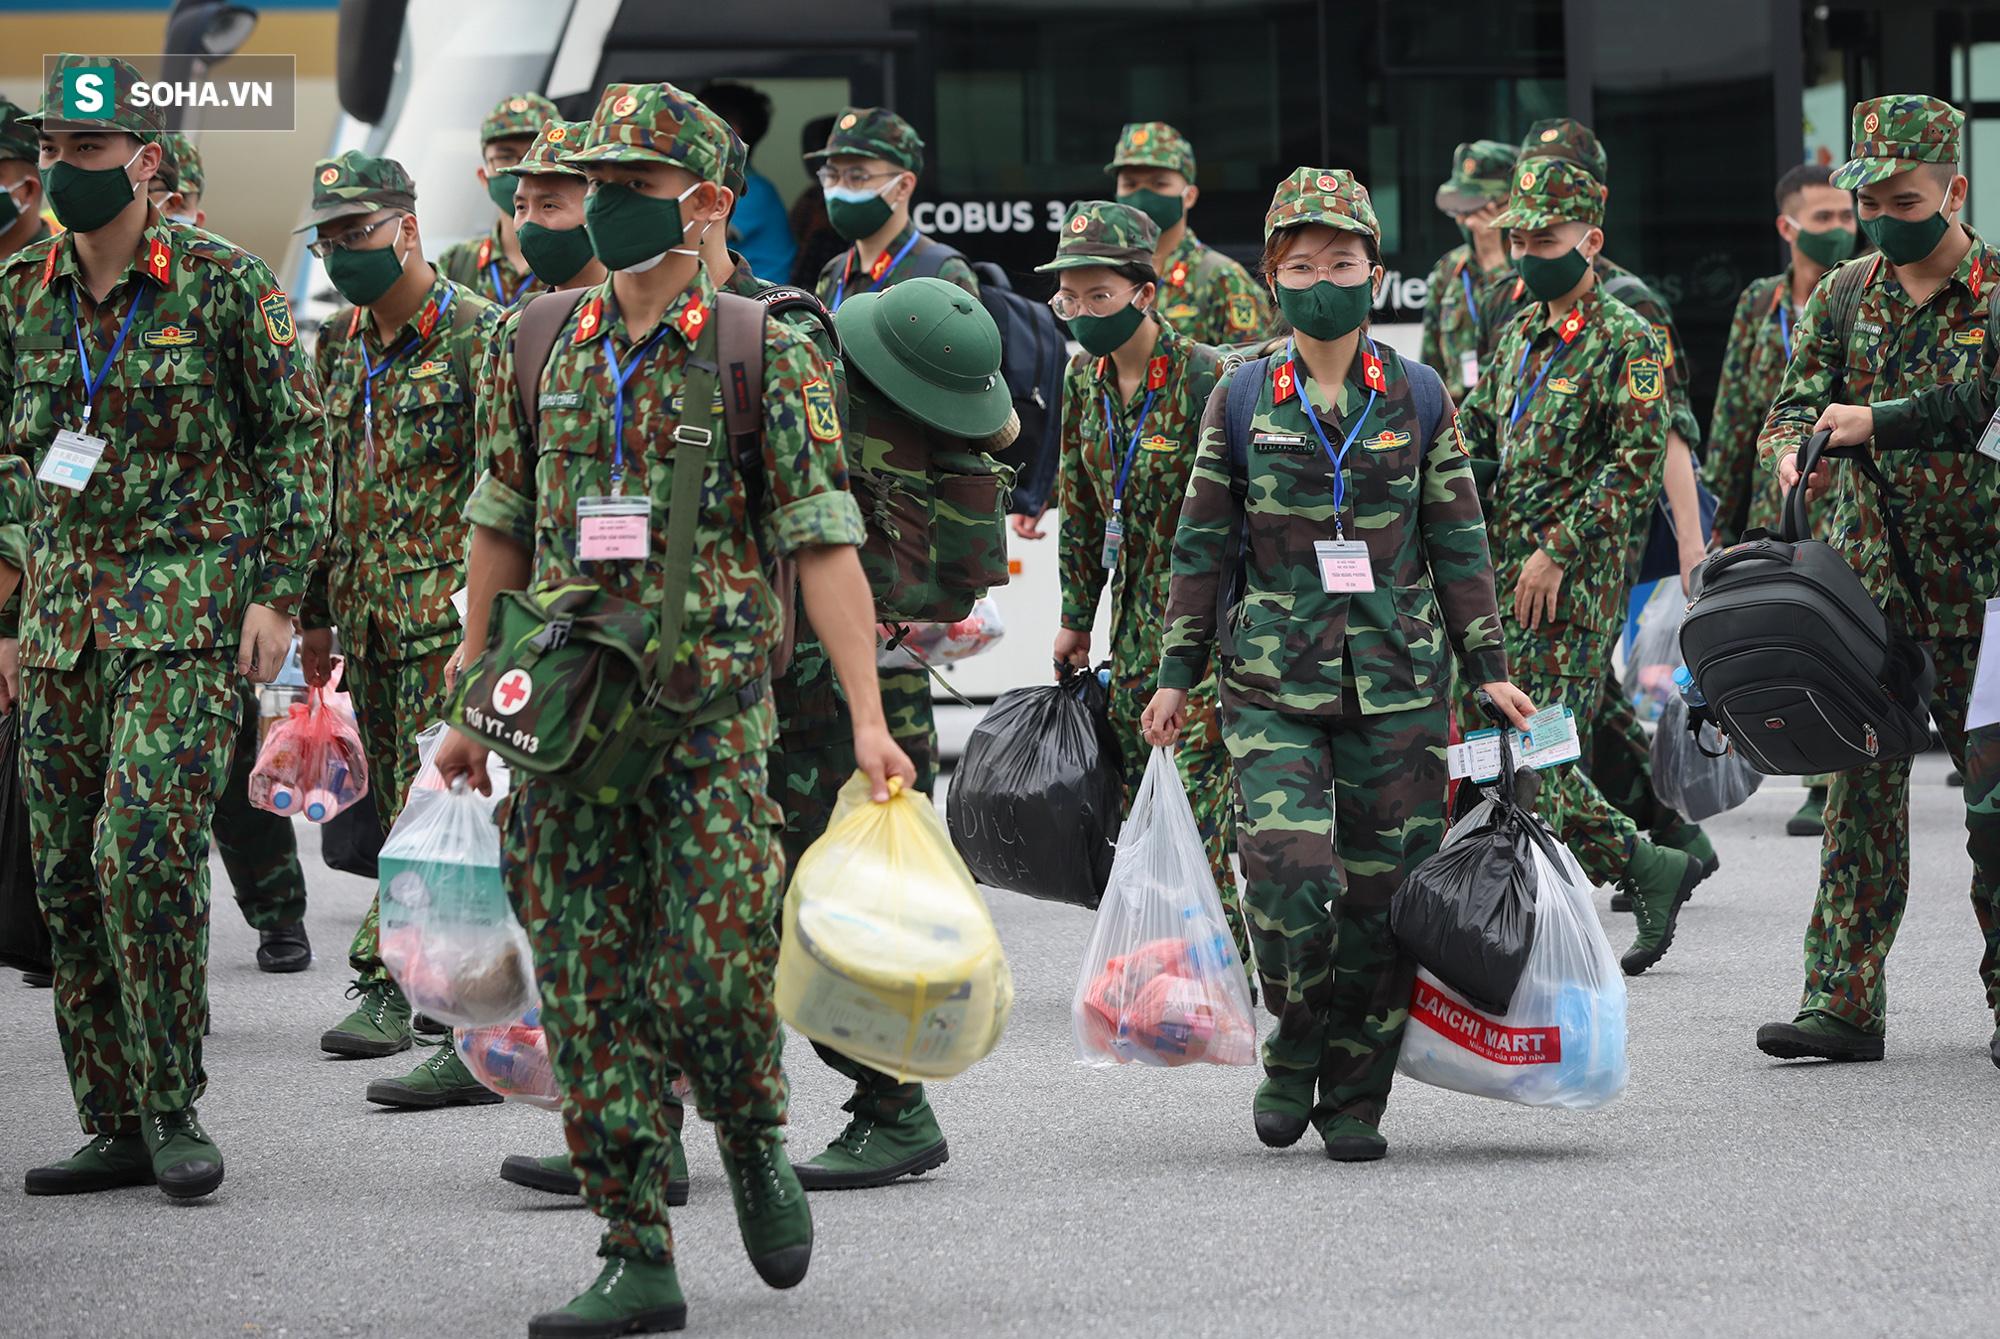 Phó Thủ tướng, Bộ trưởng Quốc phòng cùng hơn 1000 y, bác sĩ lên đường vào TP HCM chống dịch - Ảnh 6.